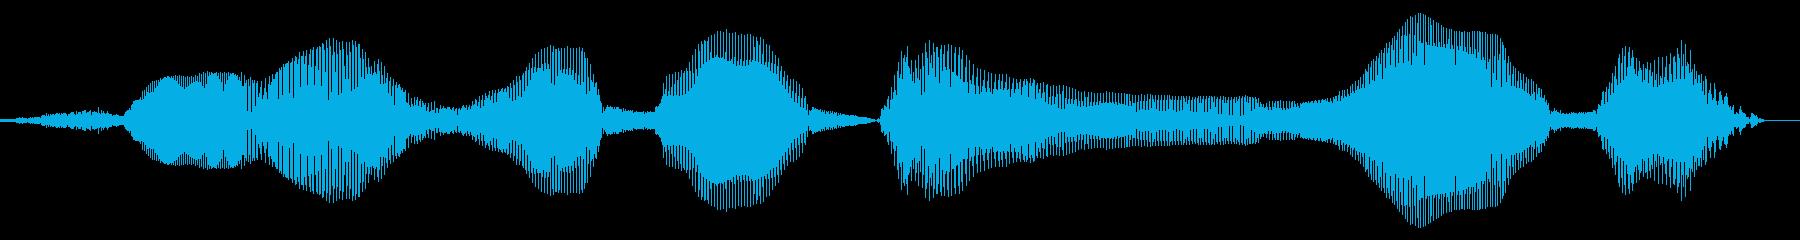 スマホでダウンロード(女声)の再生済みの波形